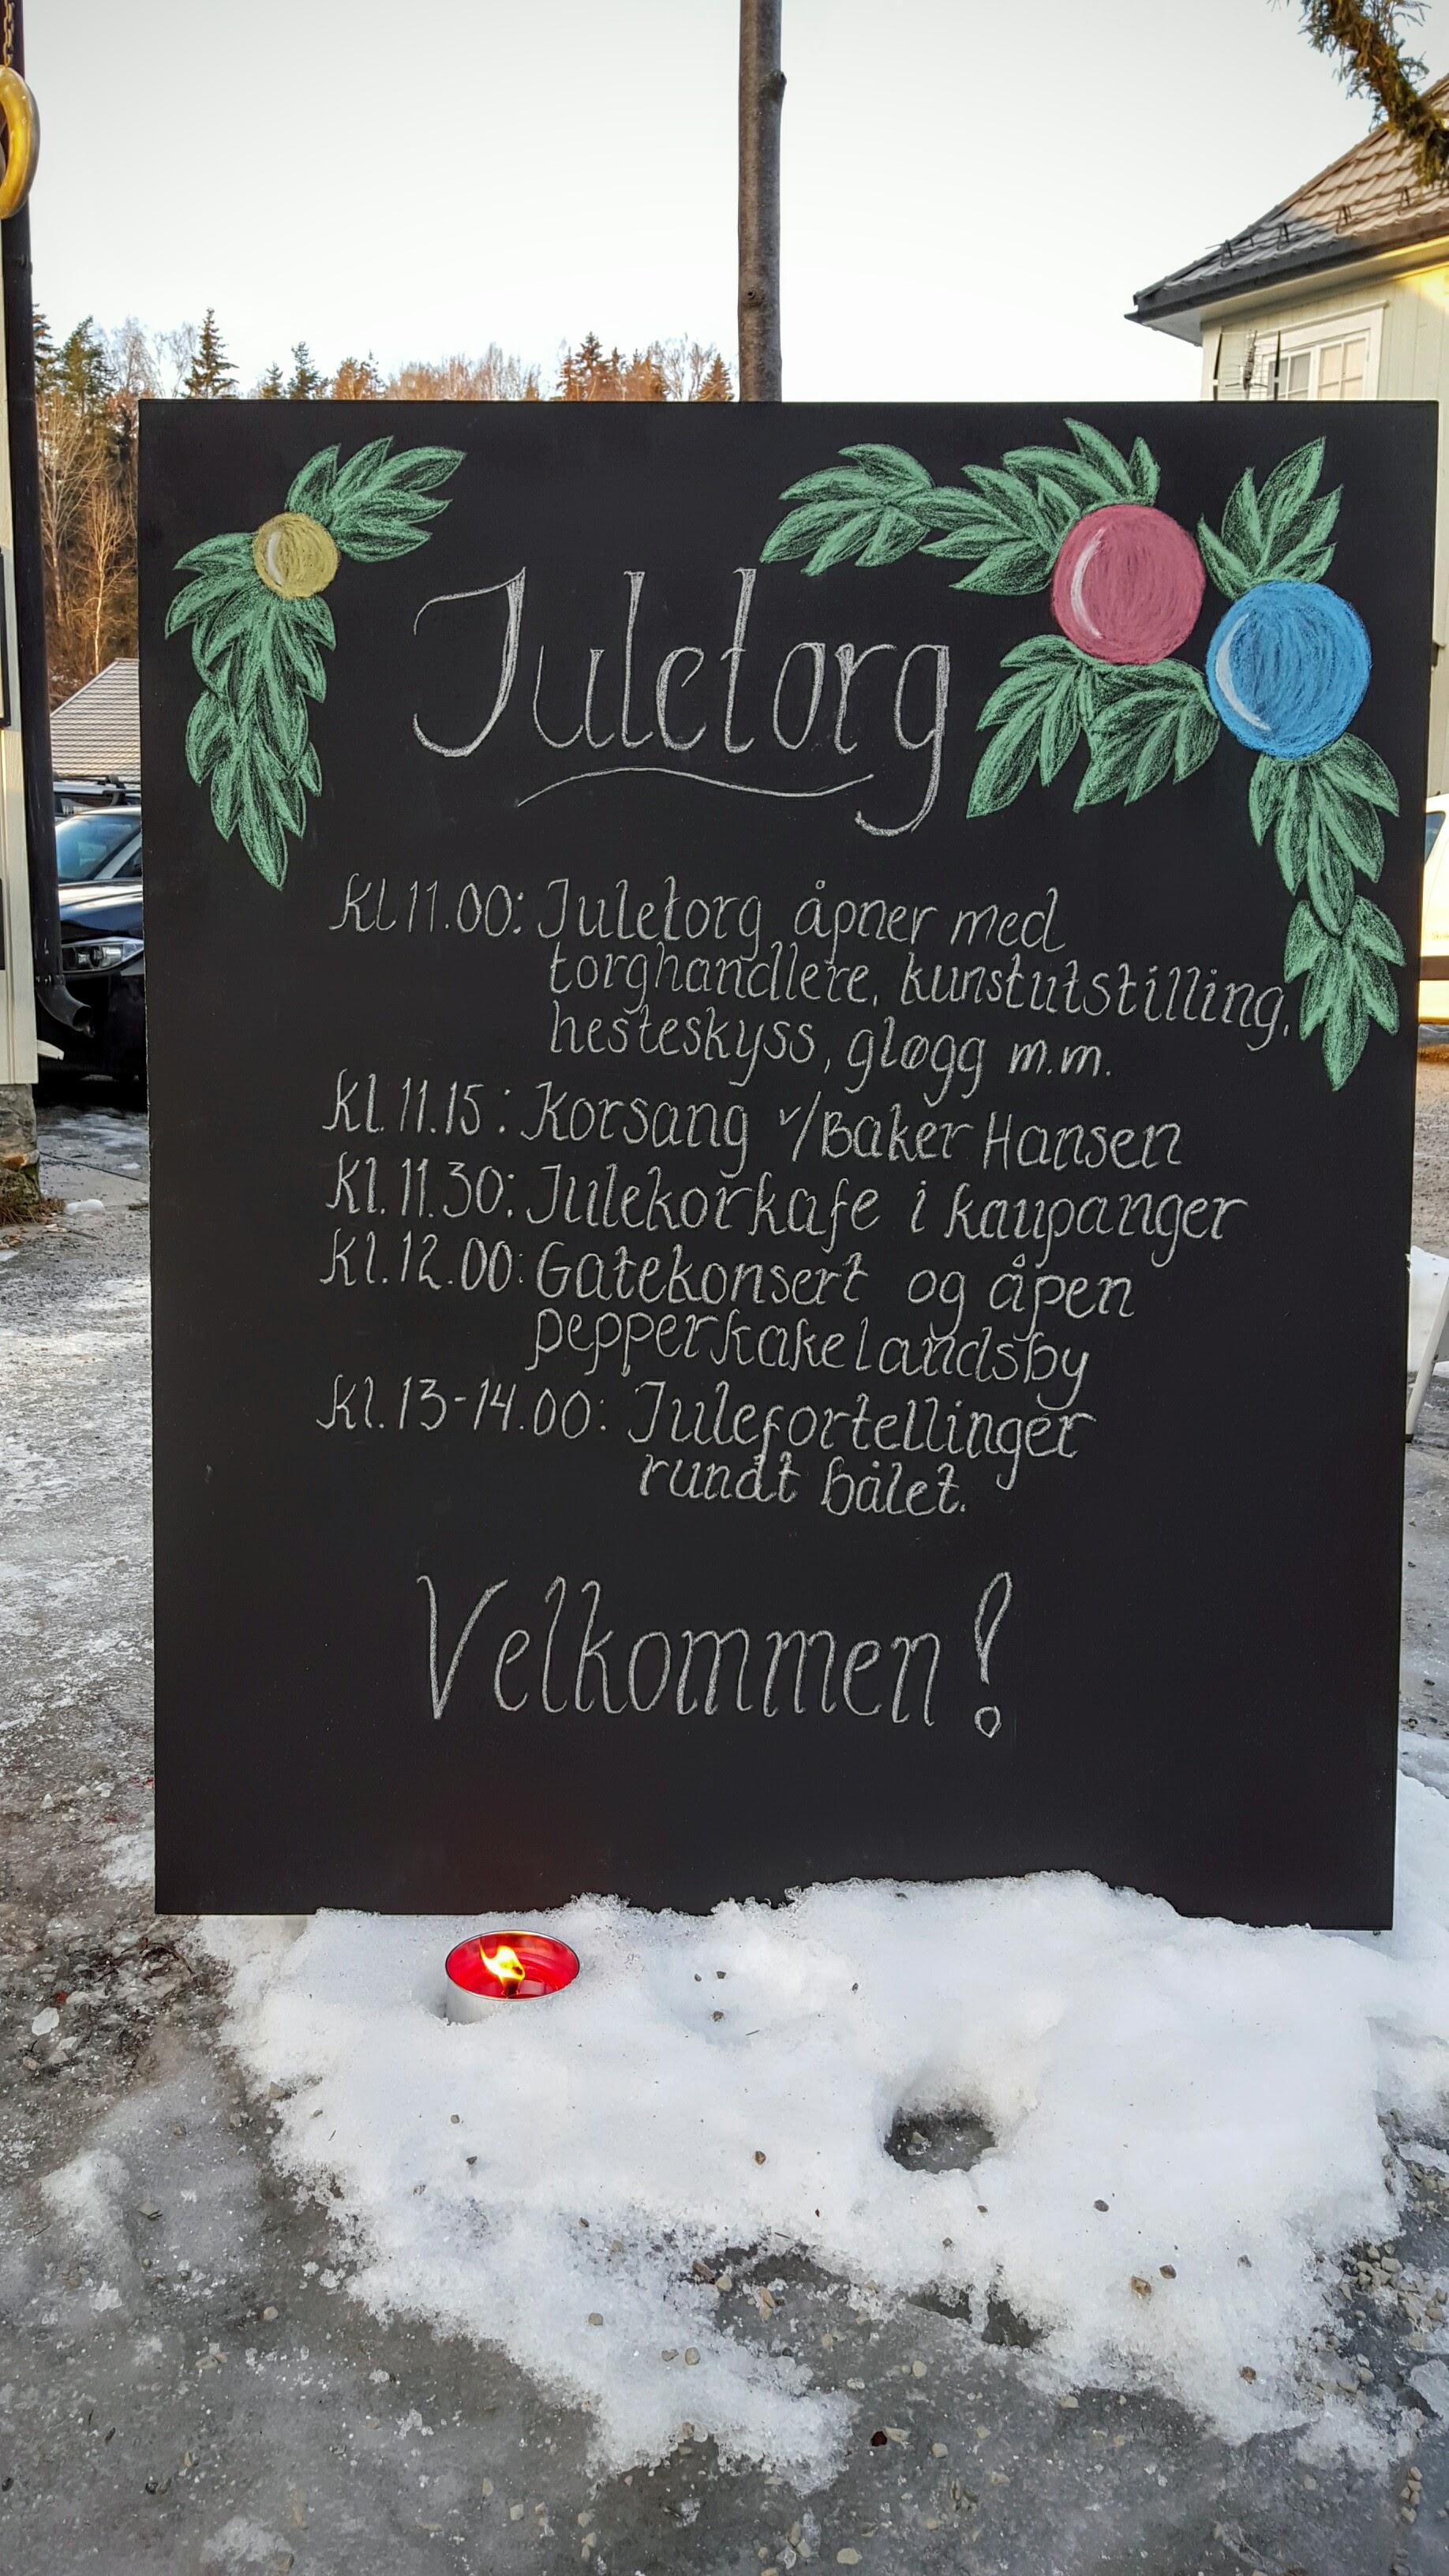 Made by: Mona Melgårdshagen